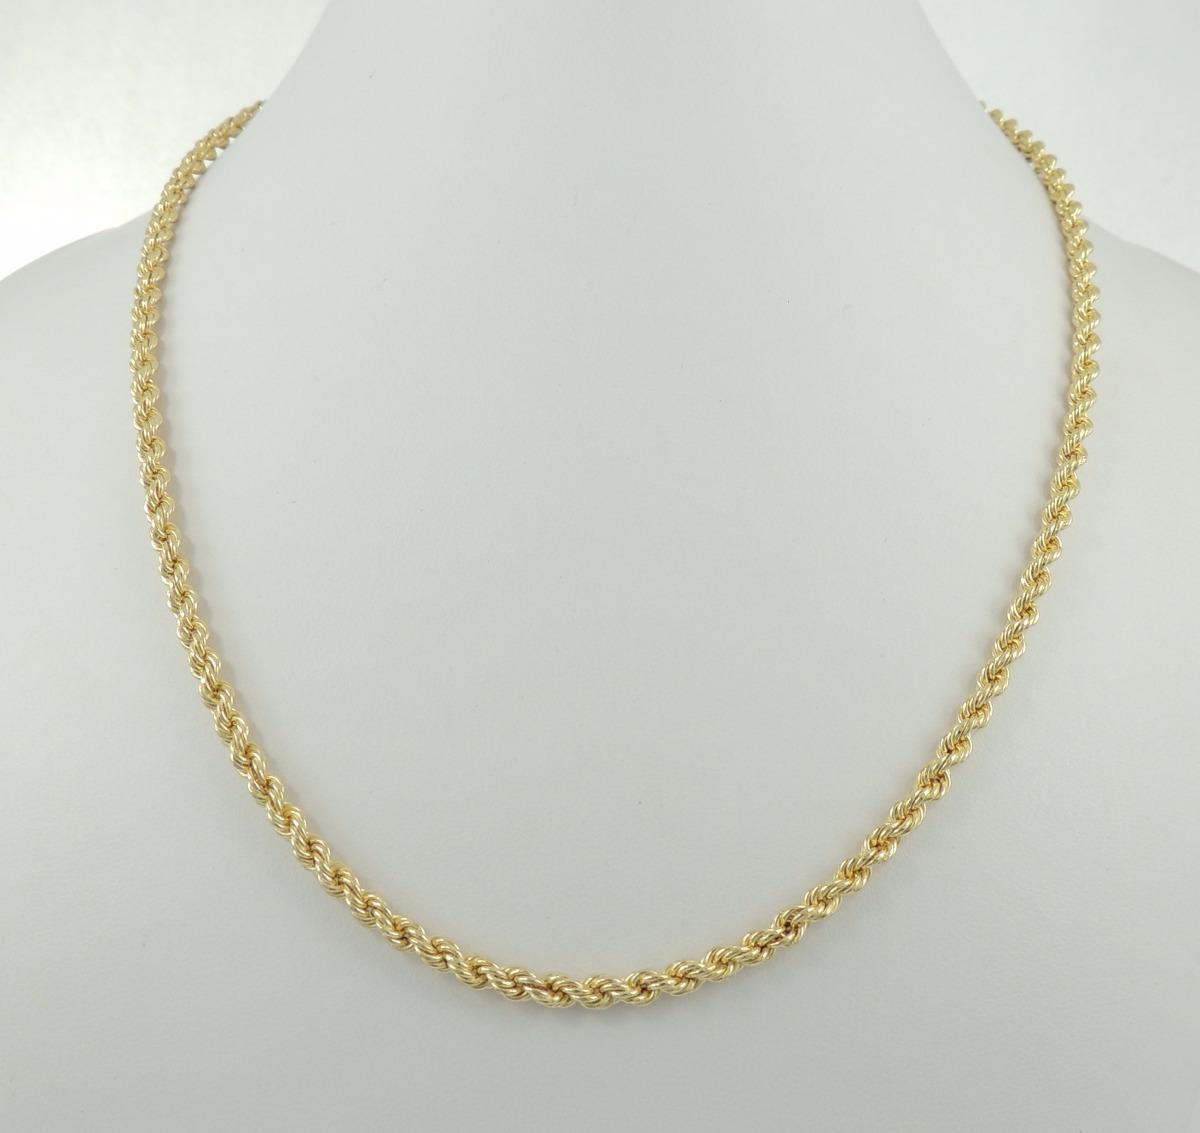 Colar Feminino Corda 45 Cm Ouro 18k 750 Cordão Baiano - R  2.290,00 ... bca4658662